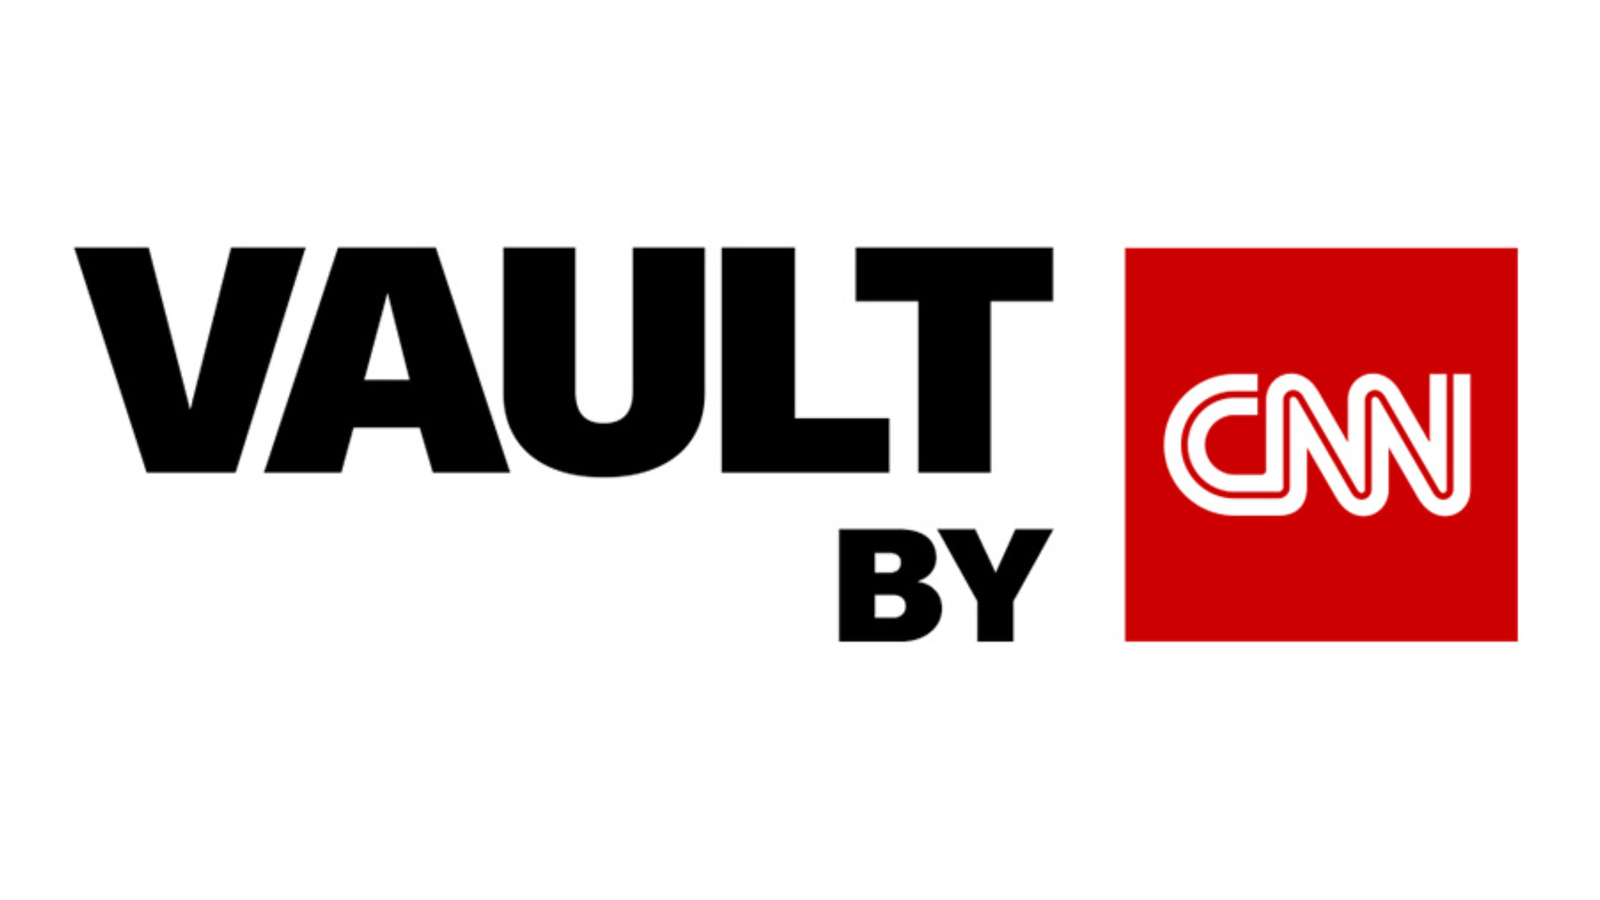 Vault by CNN